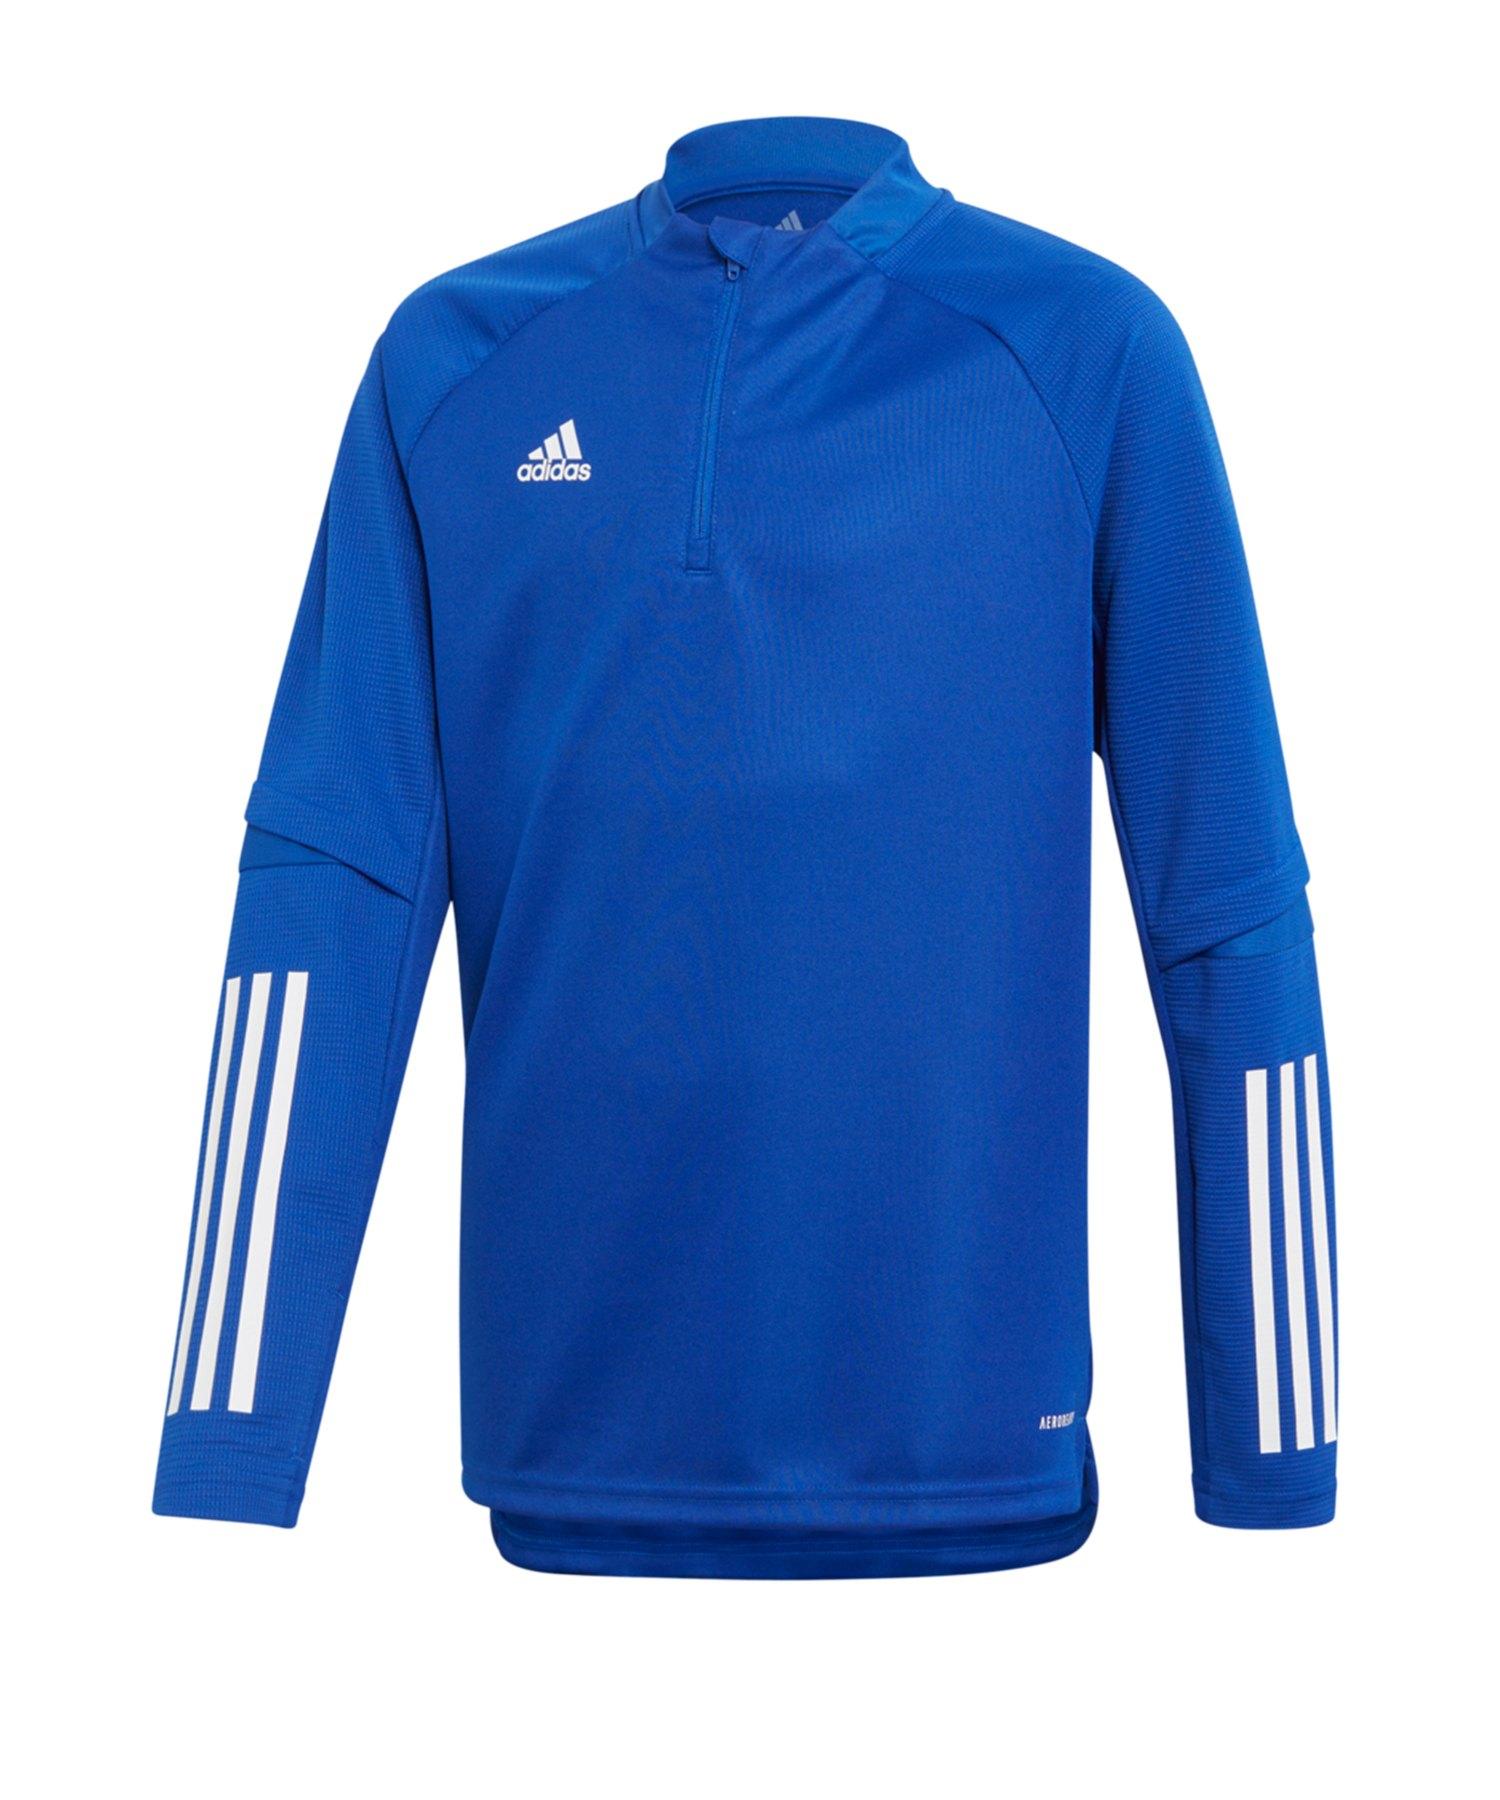 adidas Condivo 20 Trainingstop LA Kids Blau Weiss - blau